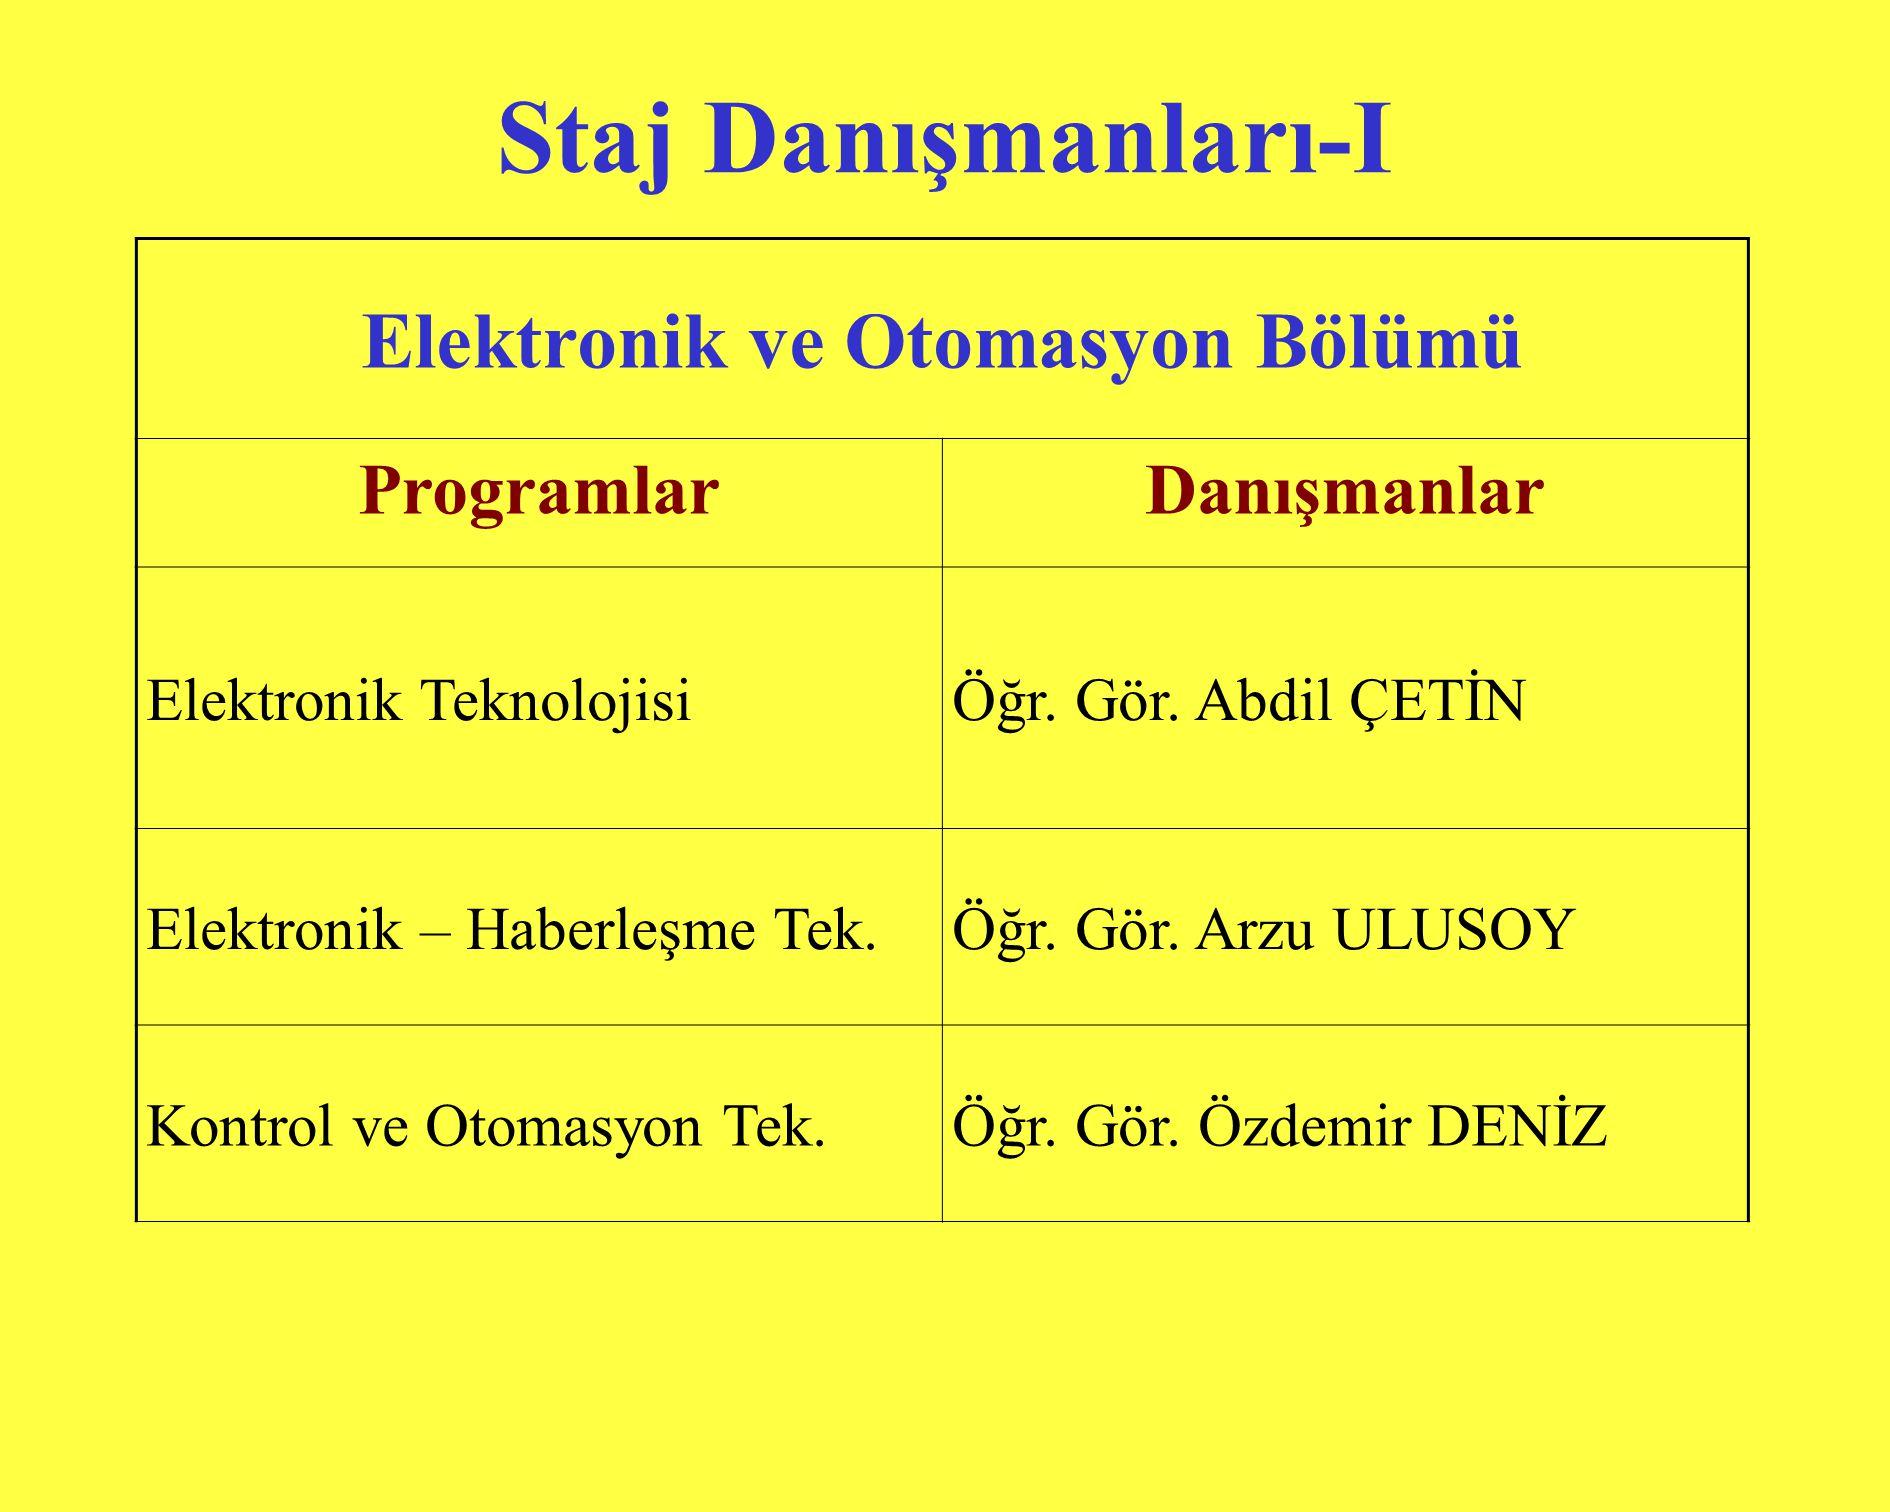 Elektronik ve Otomasyon Bölümü